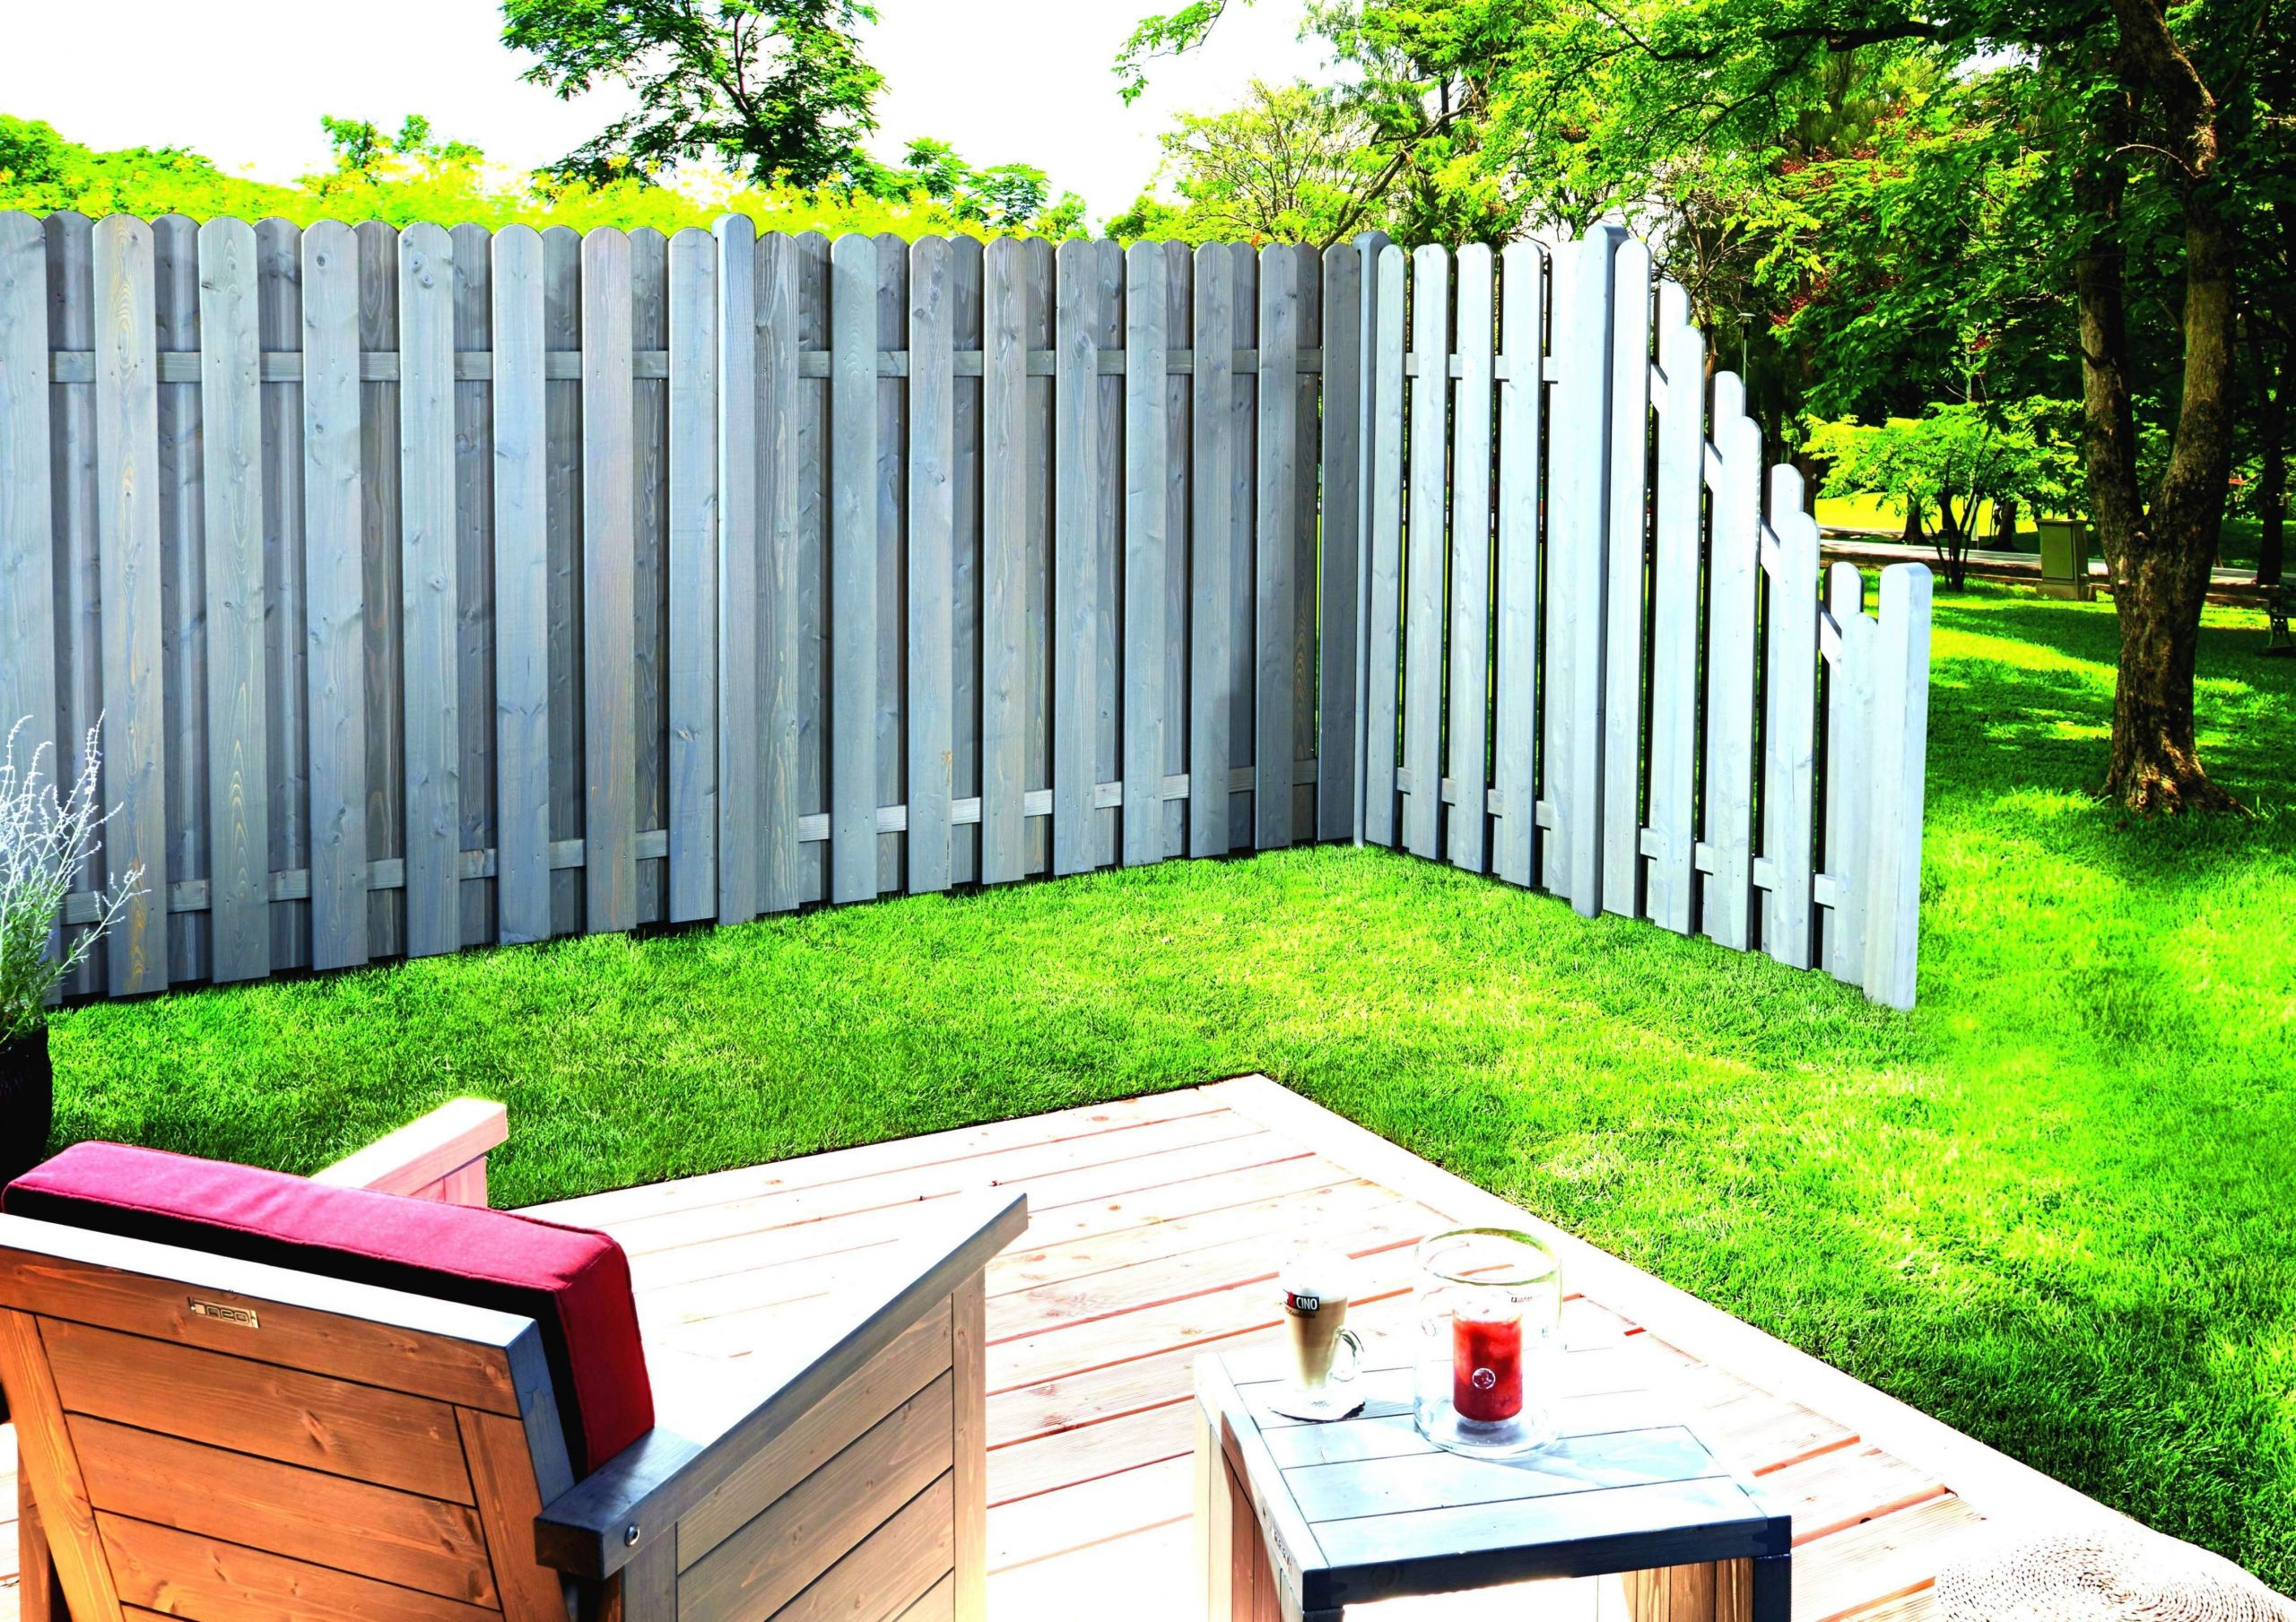 pflanzen im garten schon hohe pflanzen als sichtschutz balkon luxus pflanzen als sichtschutz balkon pflanzen als sichtschutz balkon